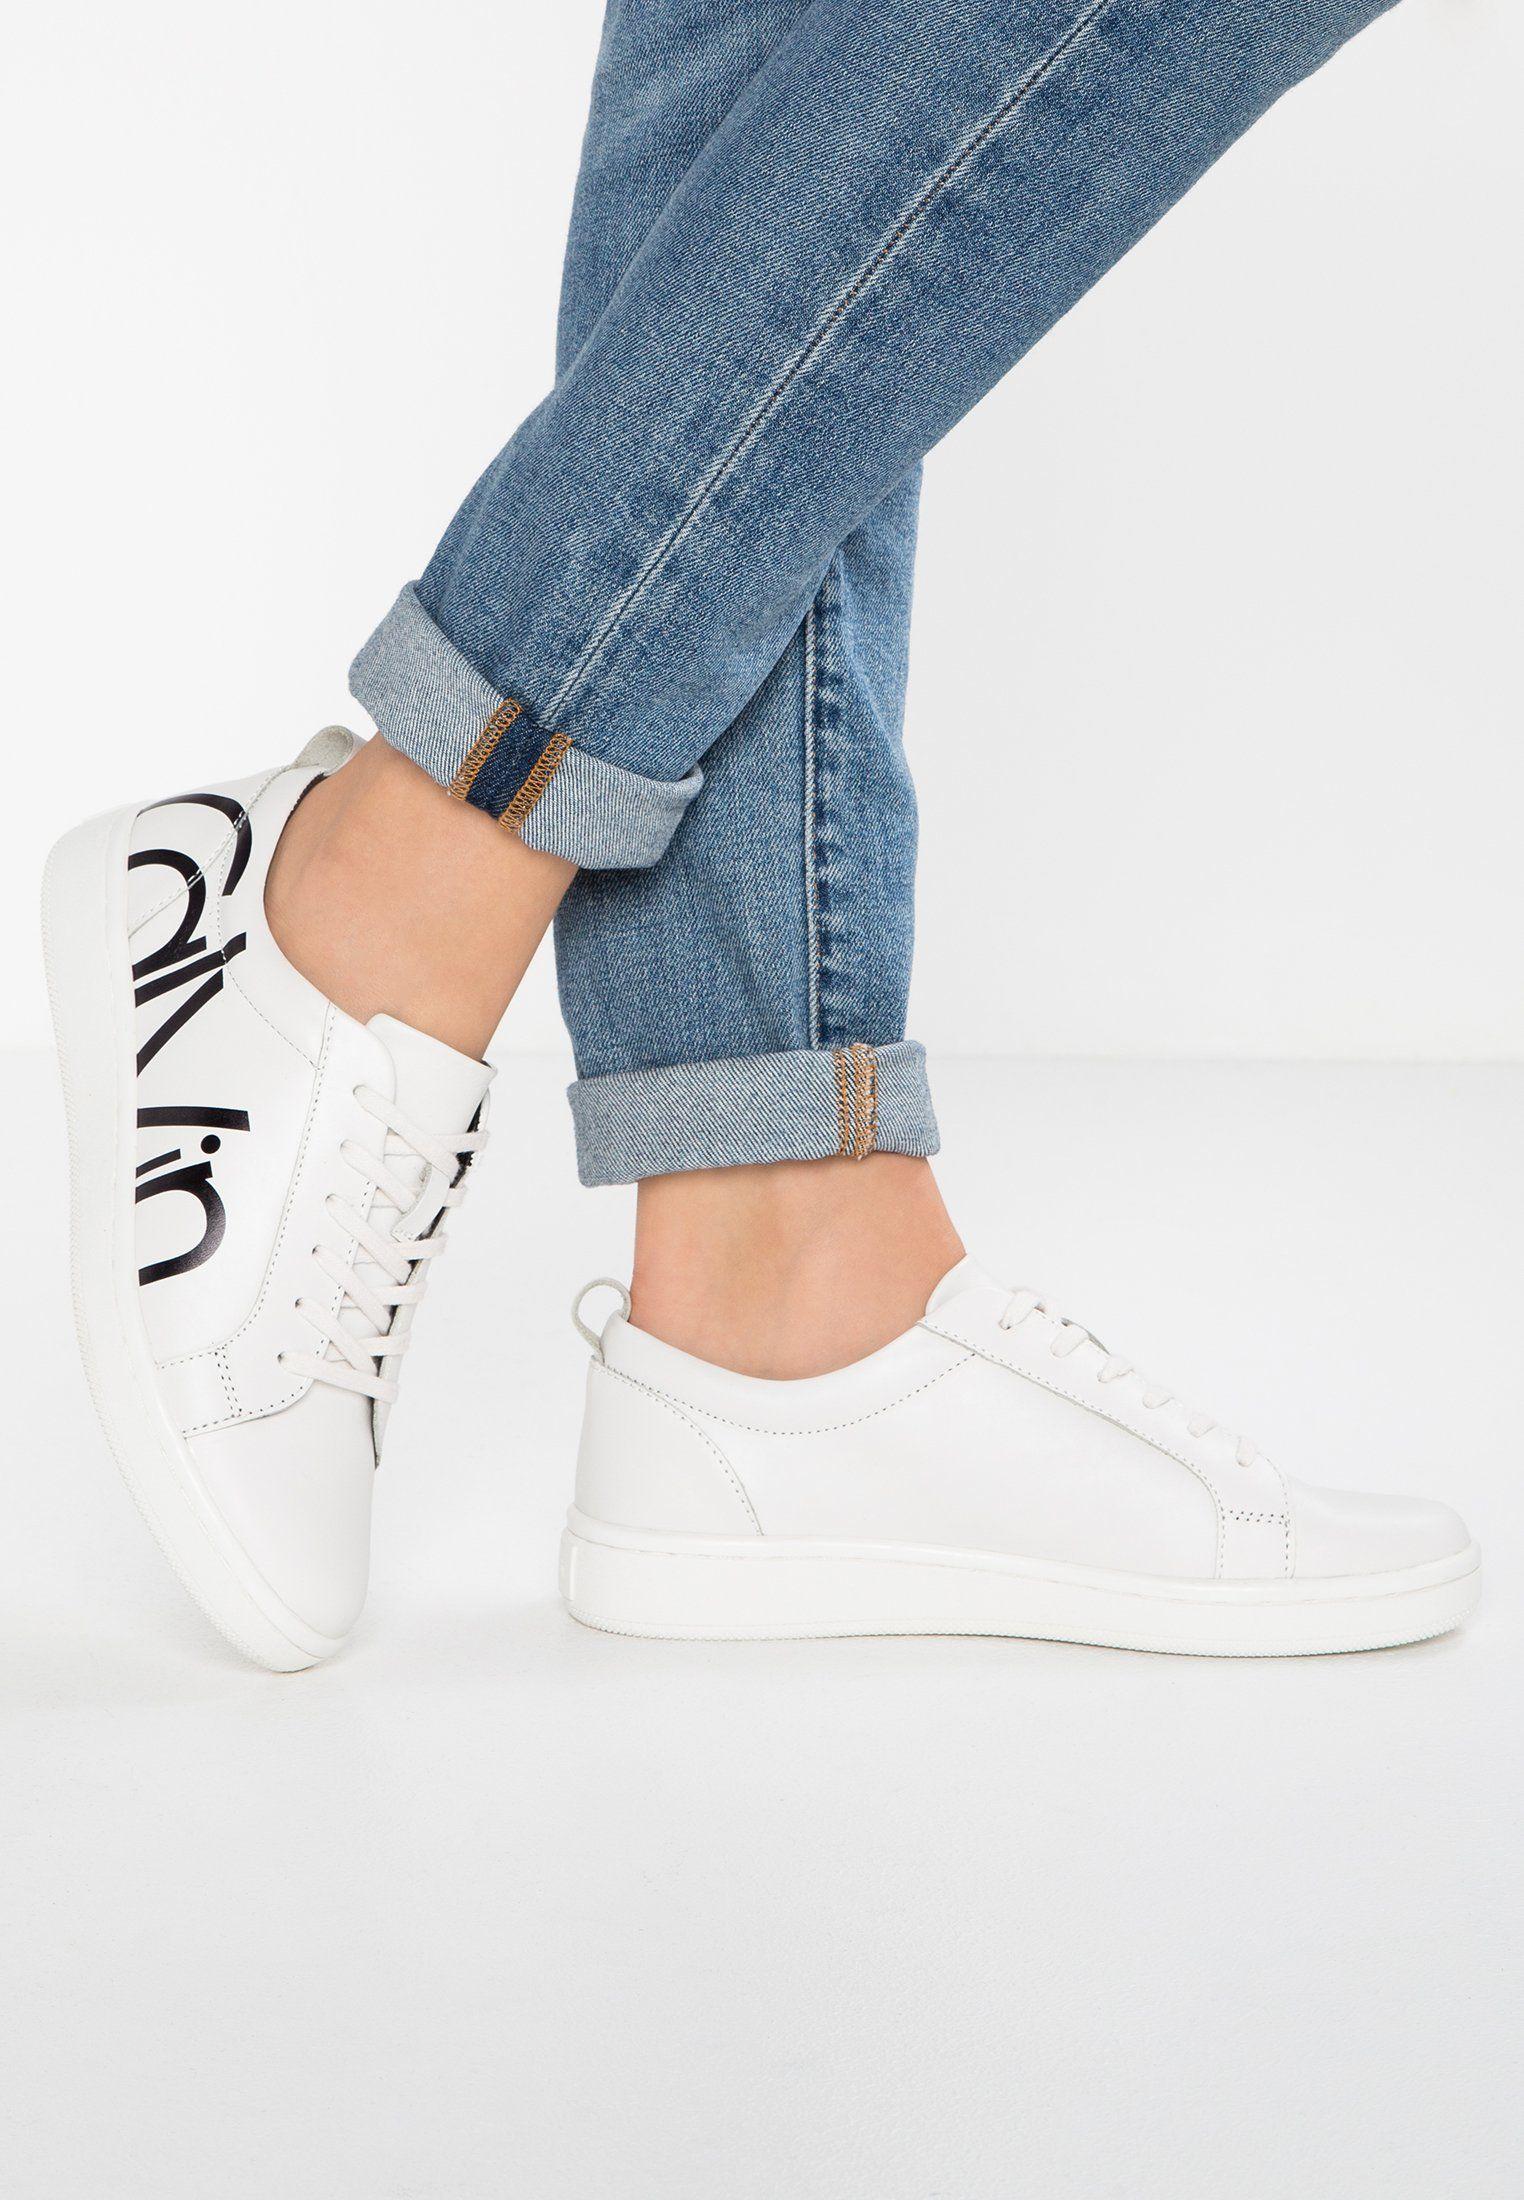 calvin klein sneakers zalando Shop